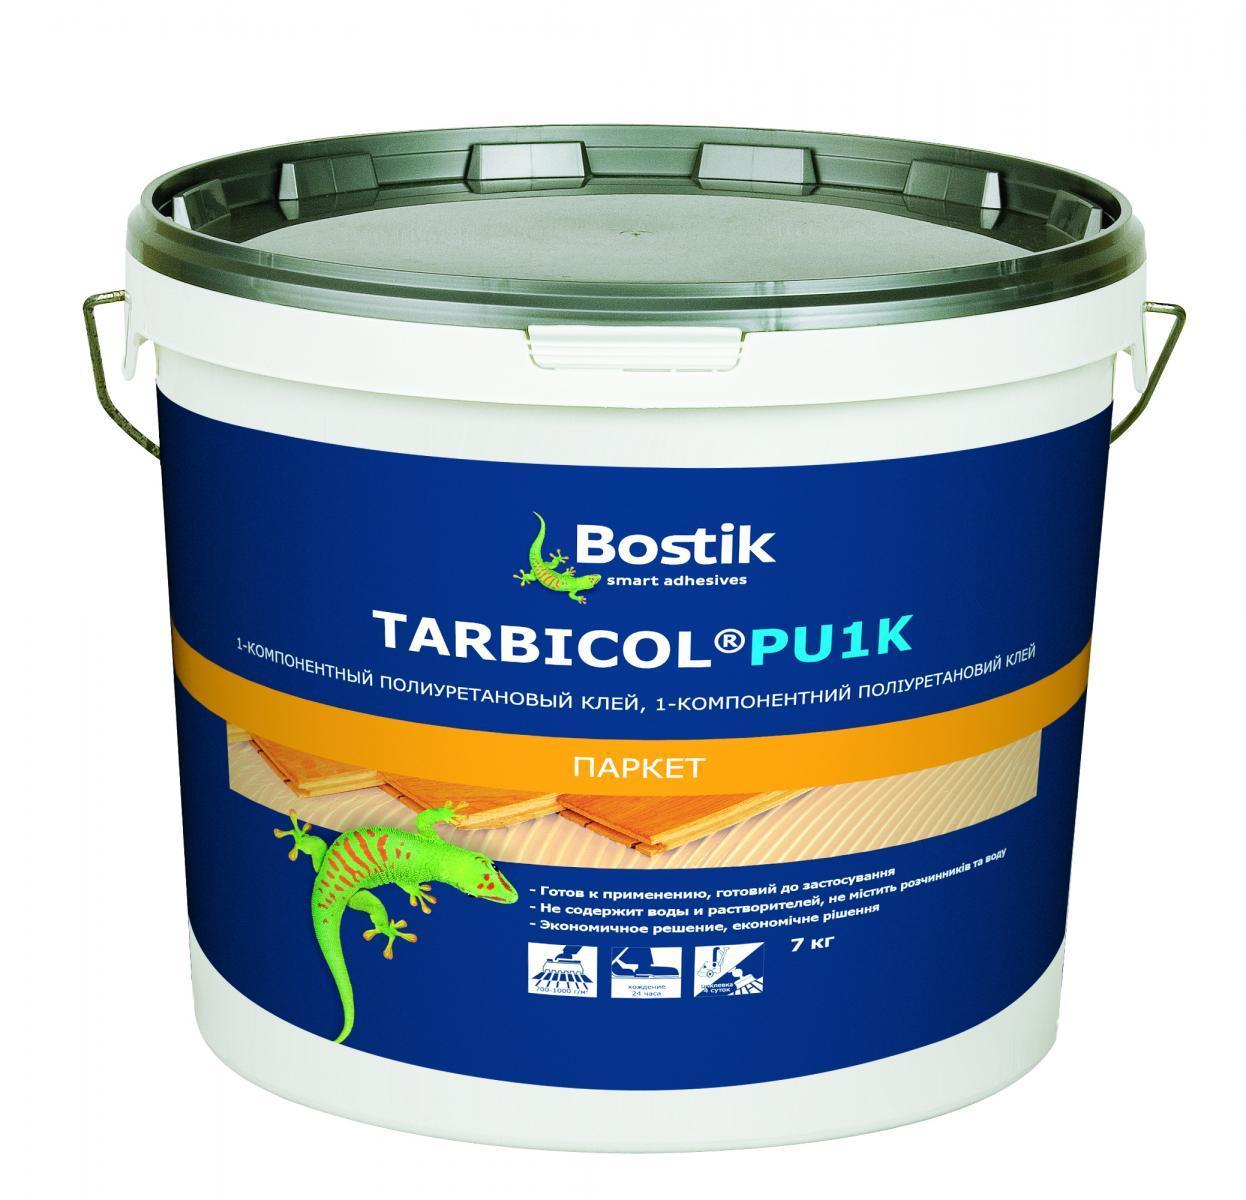 BOSTIK TARBICOL PU 1K полиуретановый однокомпонентный паркетный клей 21 КГ